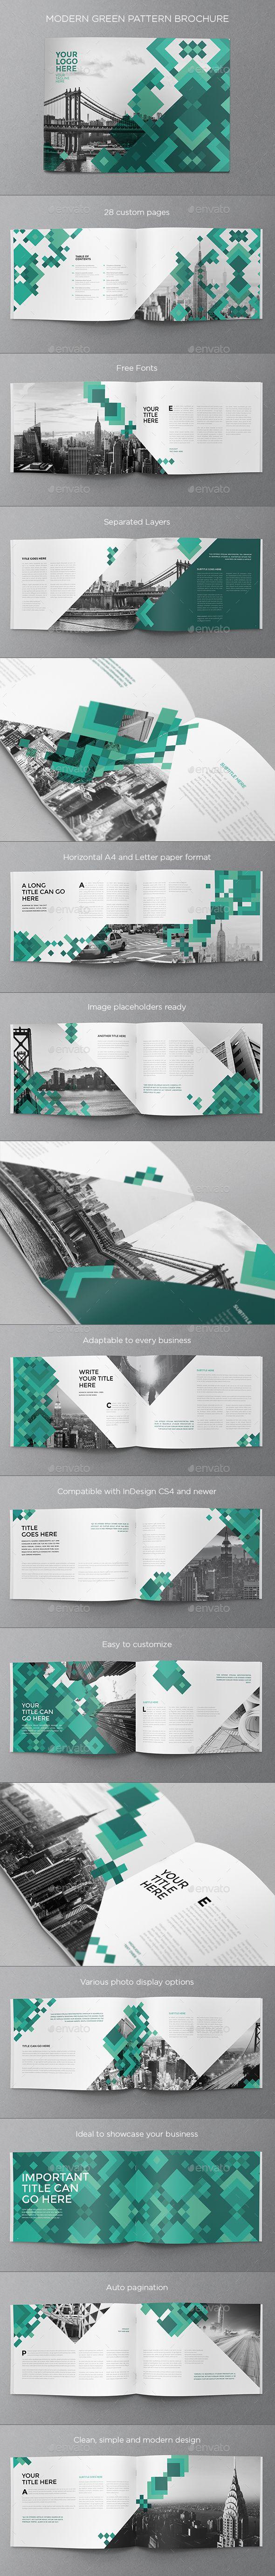 24 best flyer design images on pinterest flyer design flyer